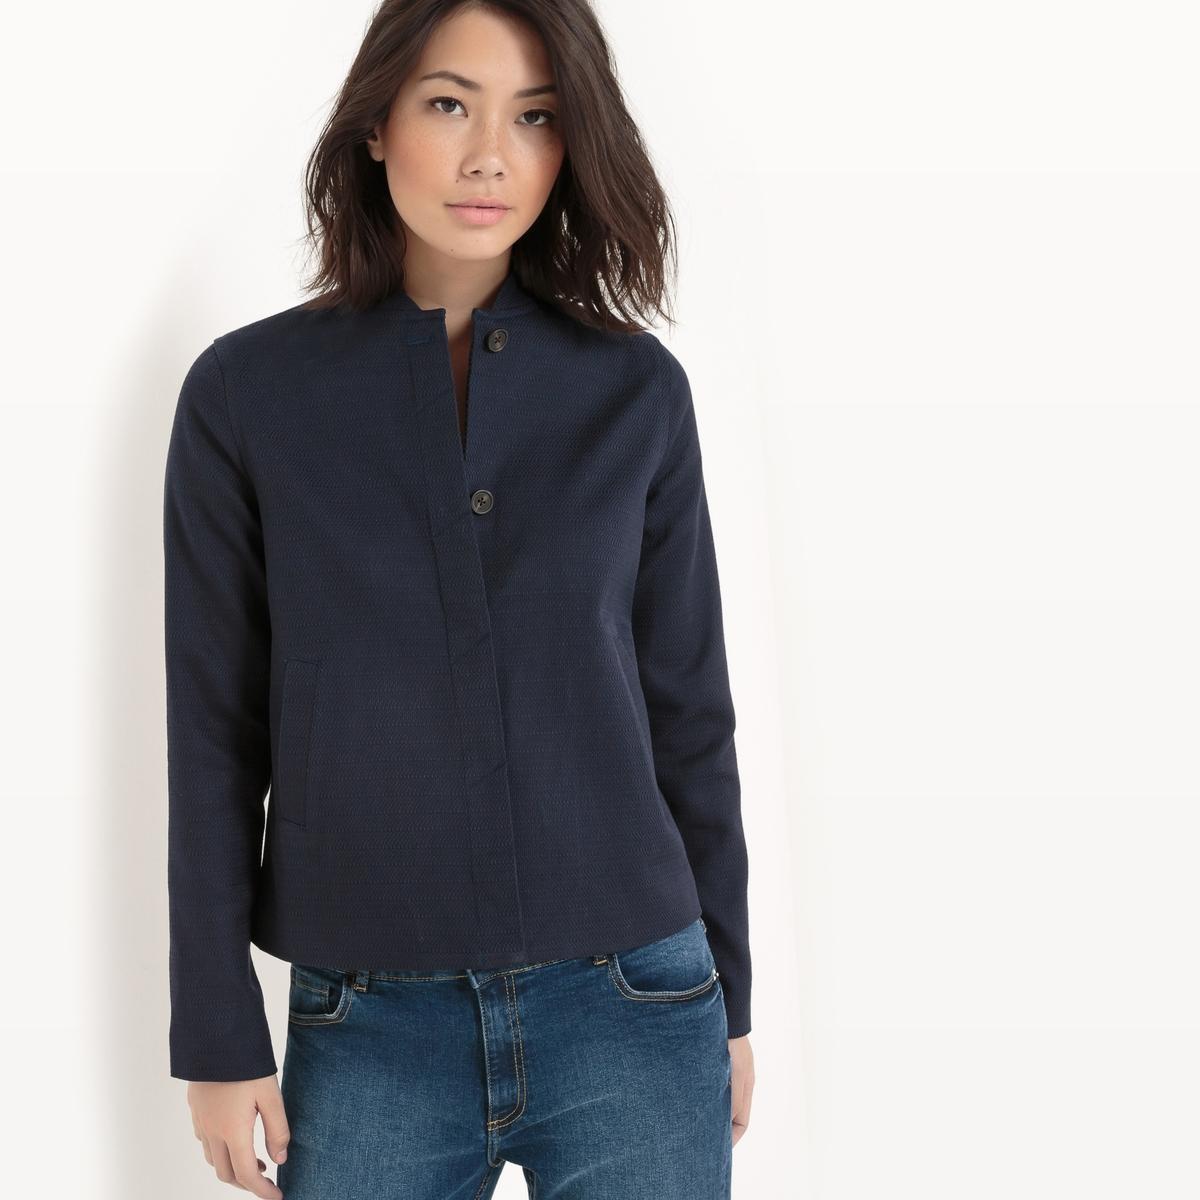 Blusão curto, algodão